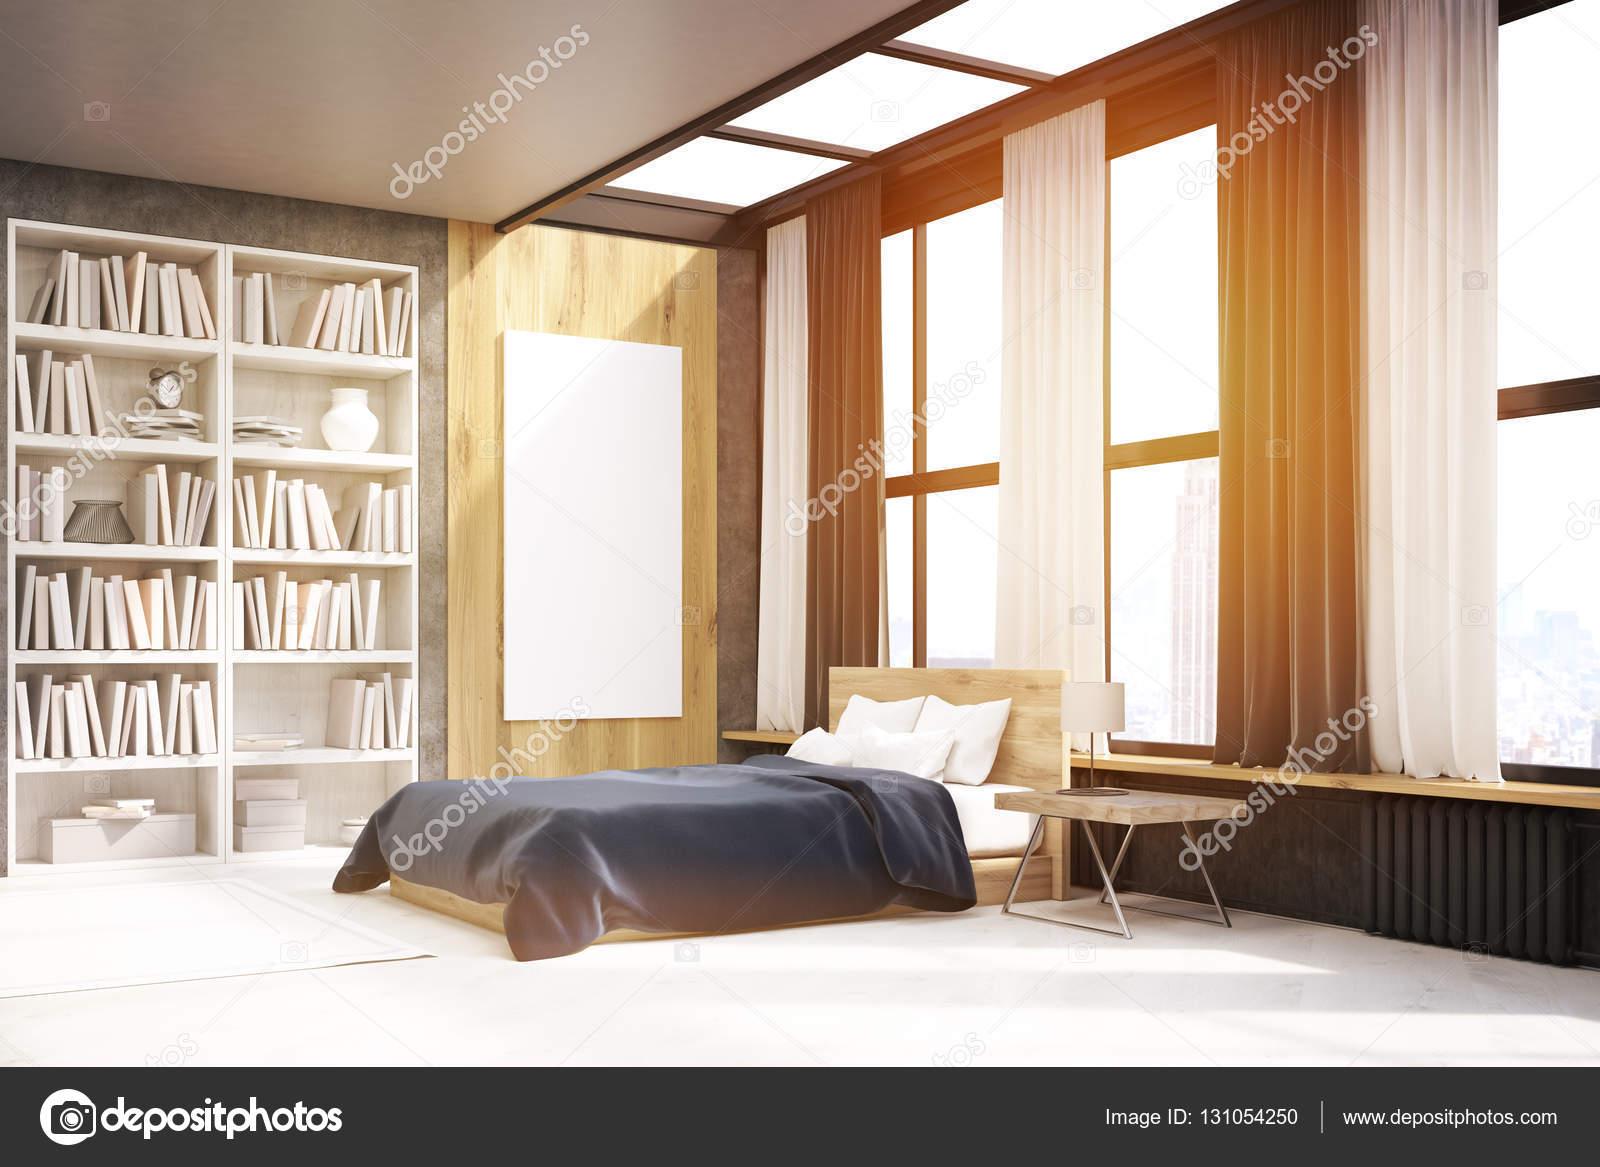 Vista della camera da letto con poster e libreria tonica u2014 foto